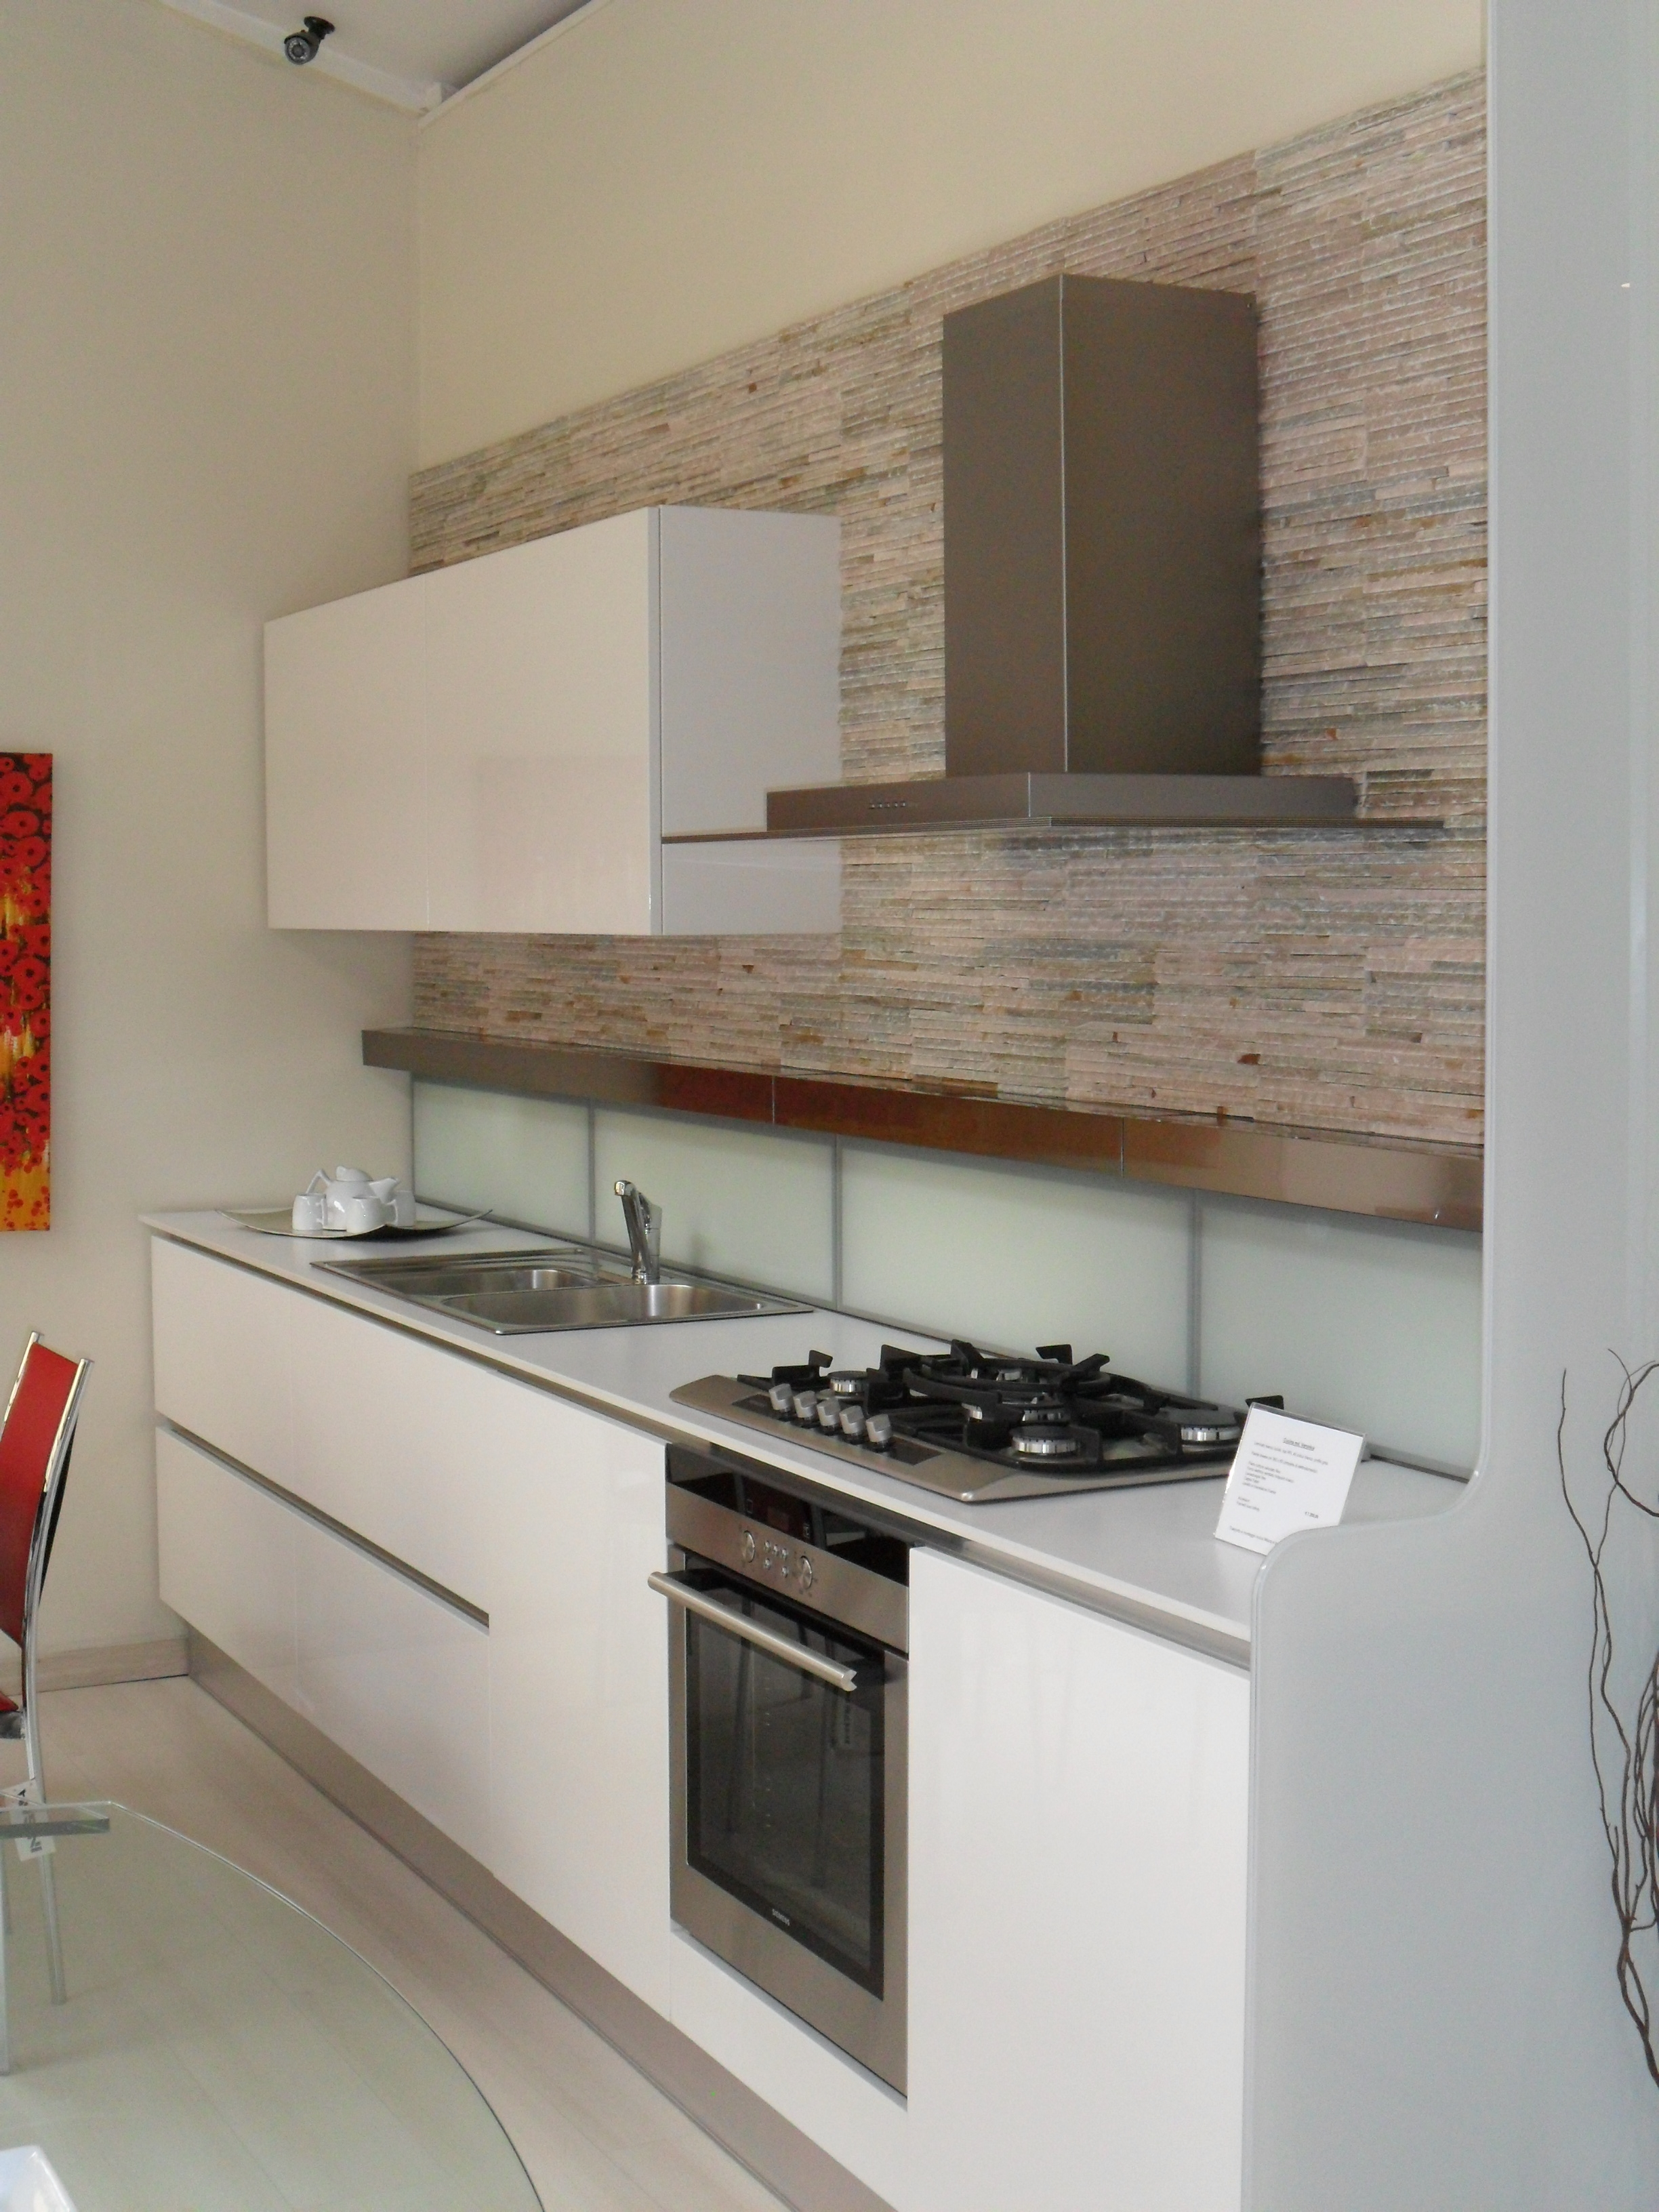 Ikea cucine con forno tutte le immagini per la - Cucine ikea usate ...